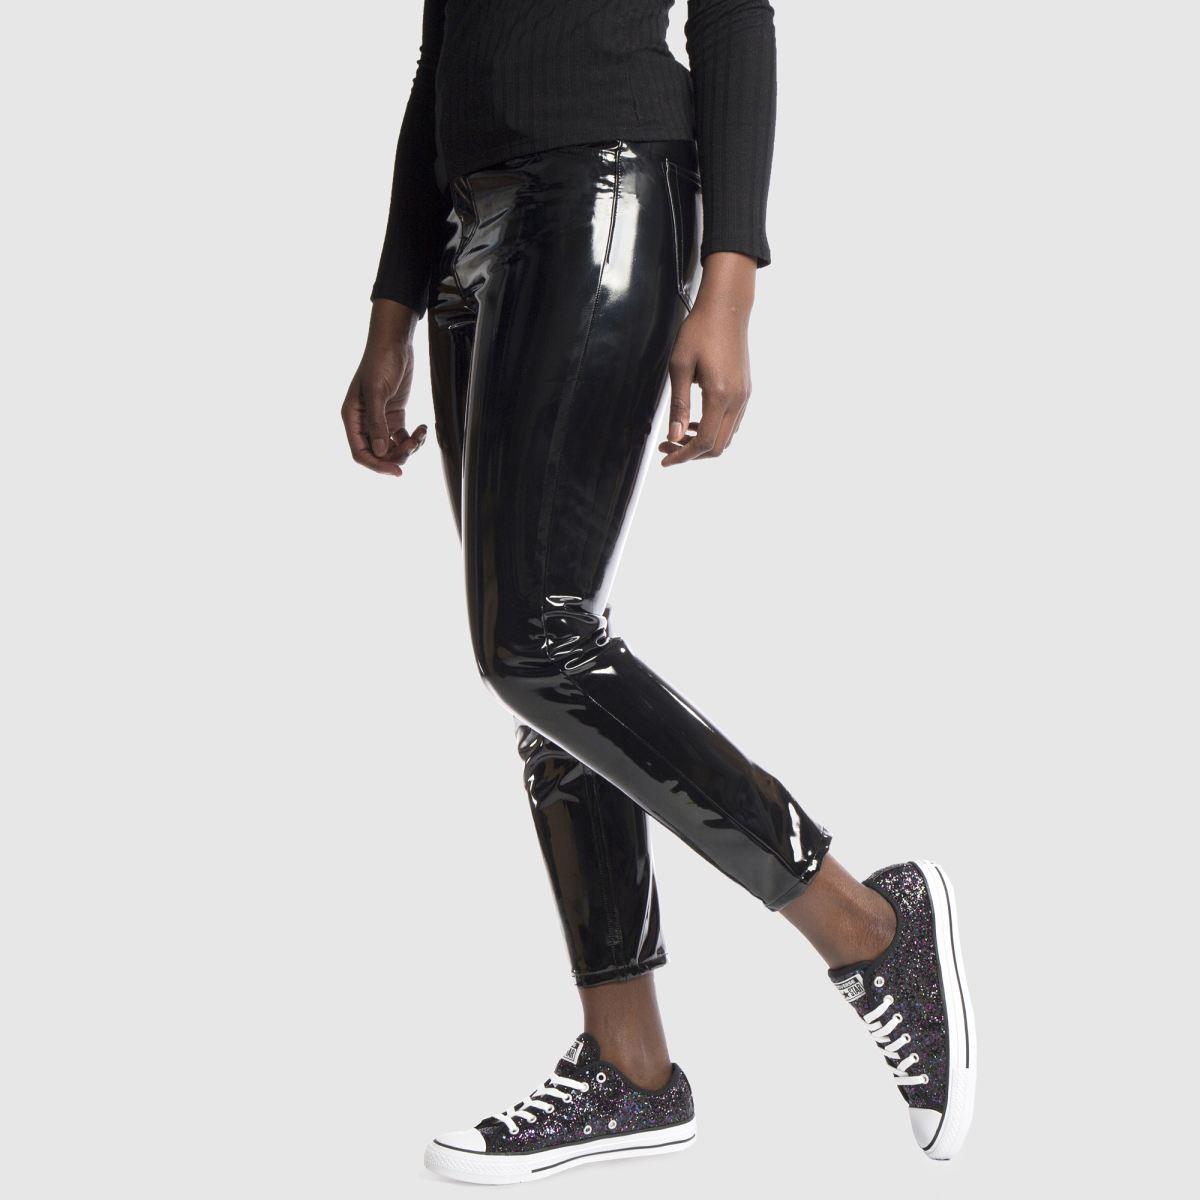 Damen Schwarz-violett converse All Star Glitter Ox Sneaker | schuh Gute Qualität beliebte Schuhe